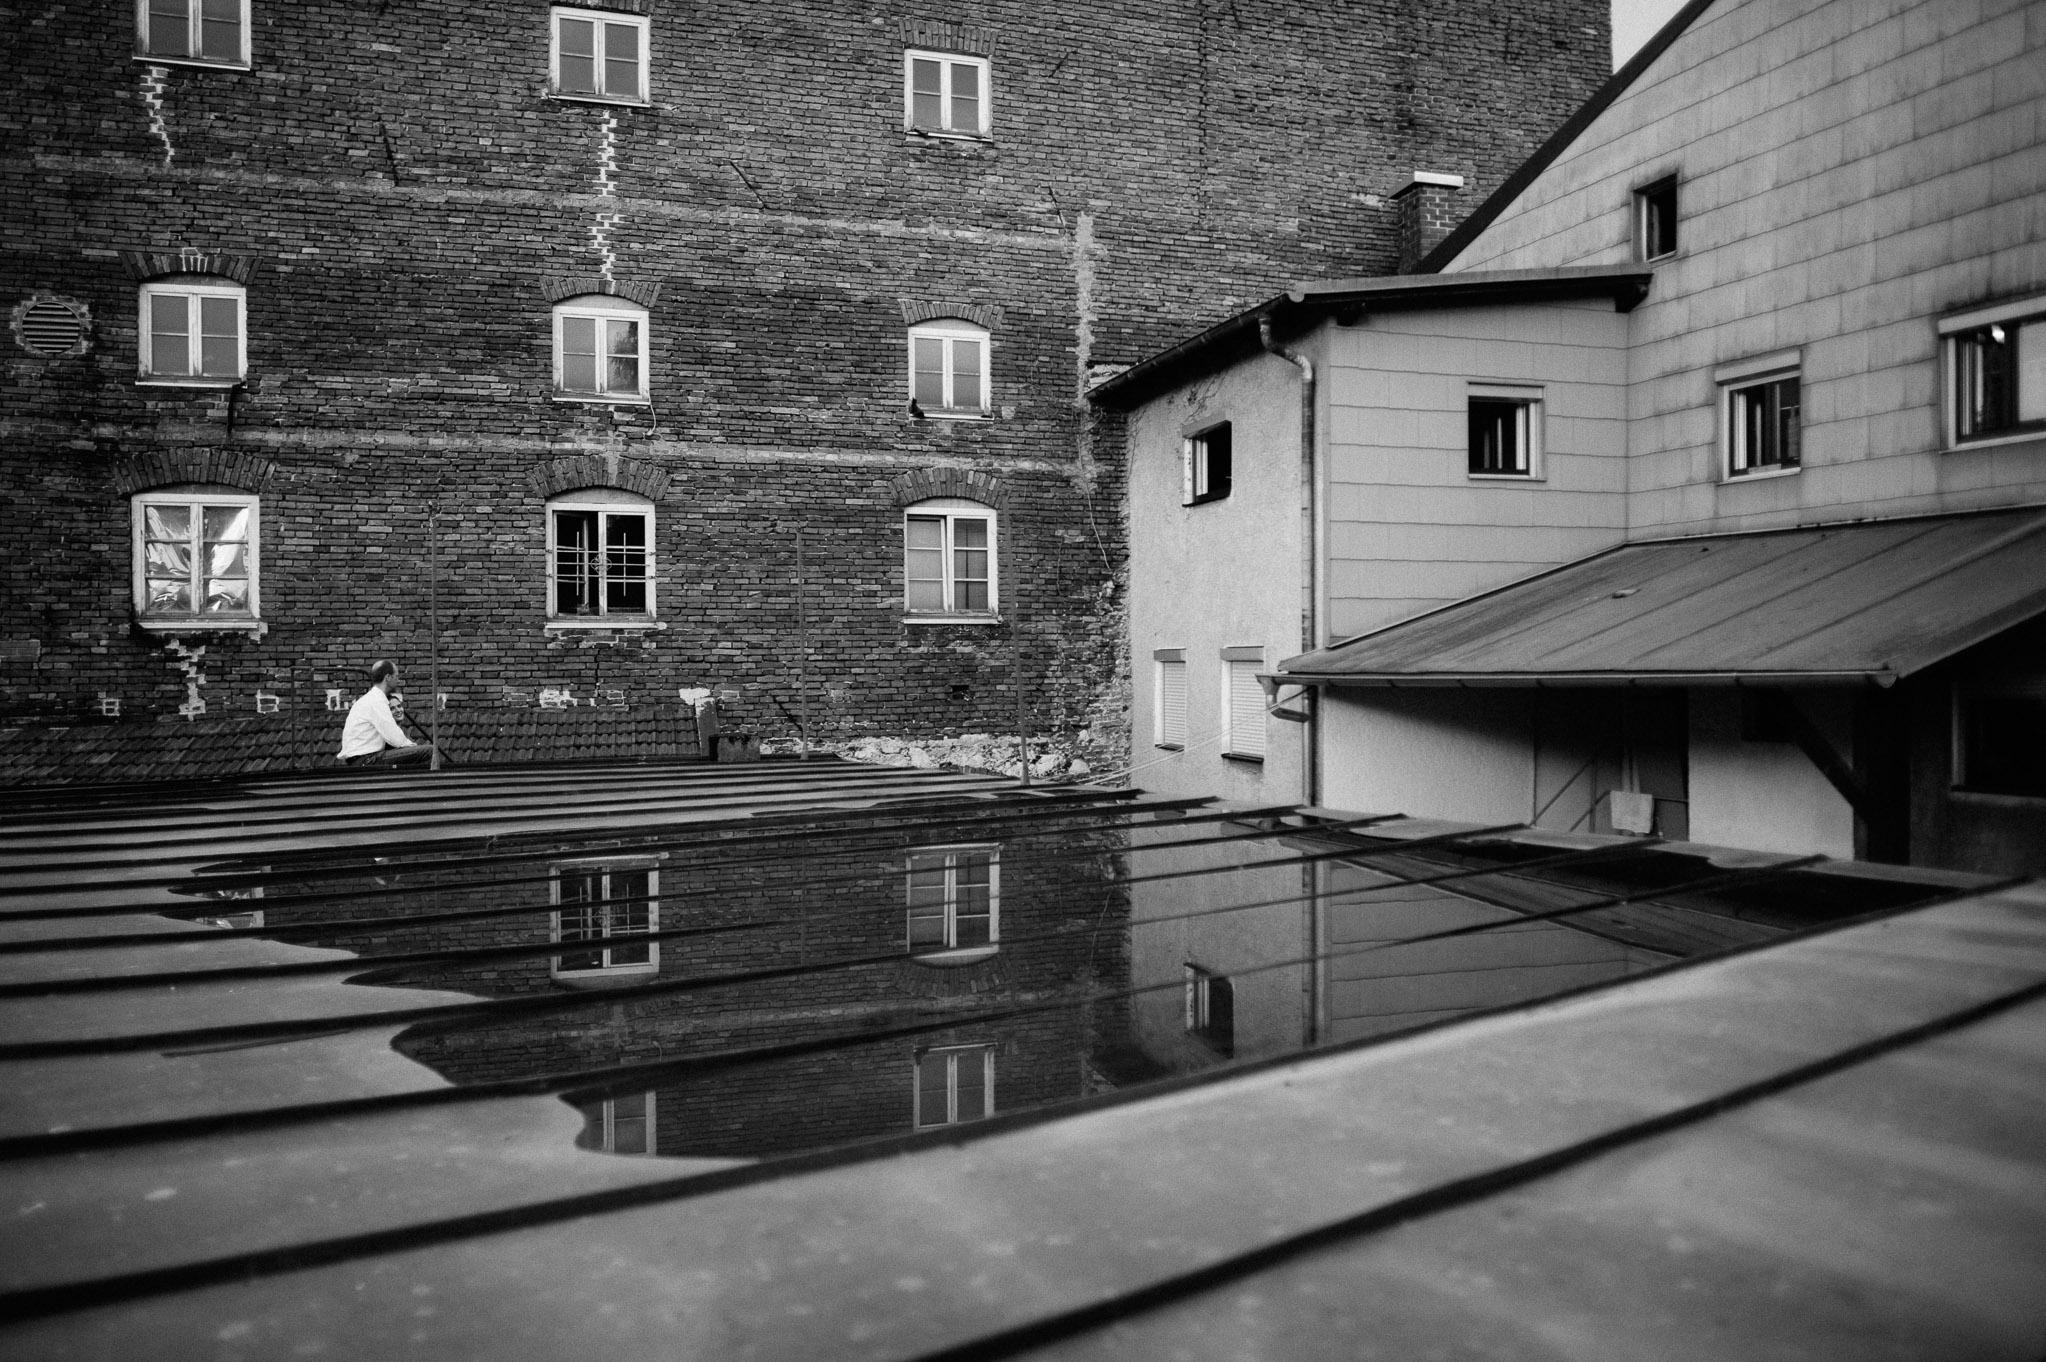 hochzeitsfotograf_andreas_jacob_engagement_rosenheim_053